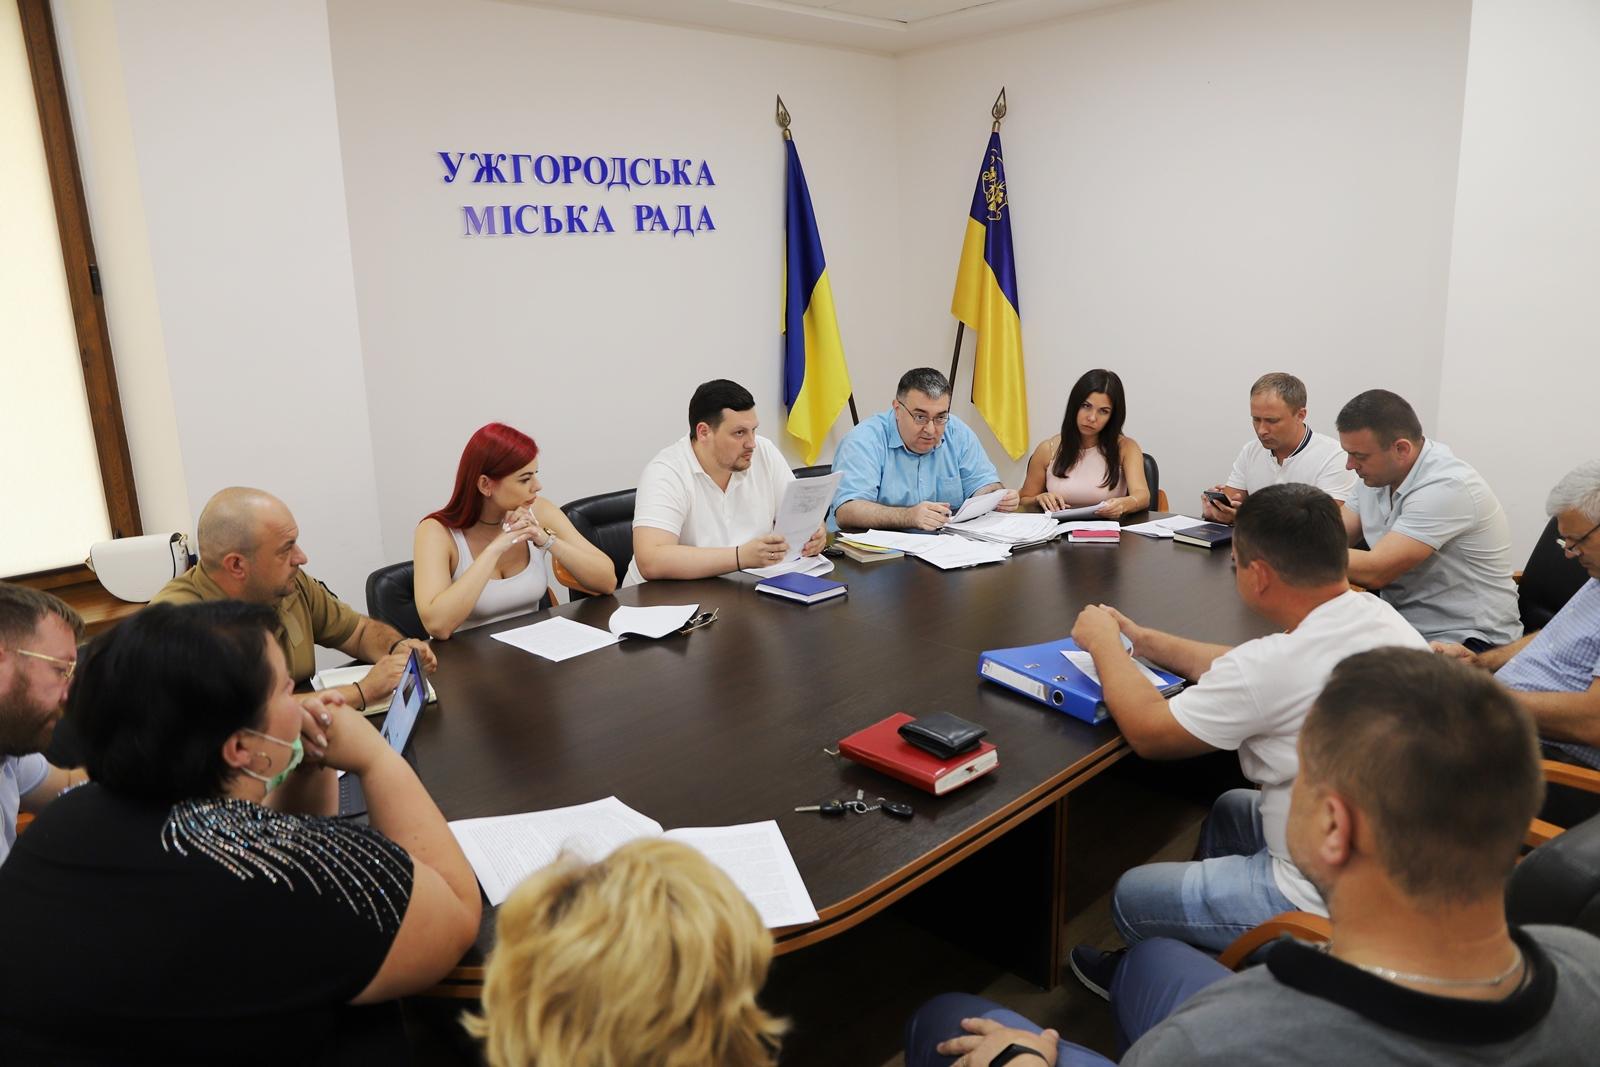 Пів сотні протоколів розглянули напередодні на черговому засіданні адміністративної комісії в Ужгородській міській раді.